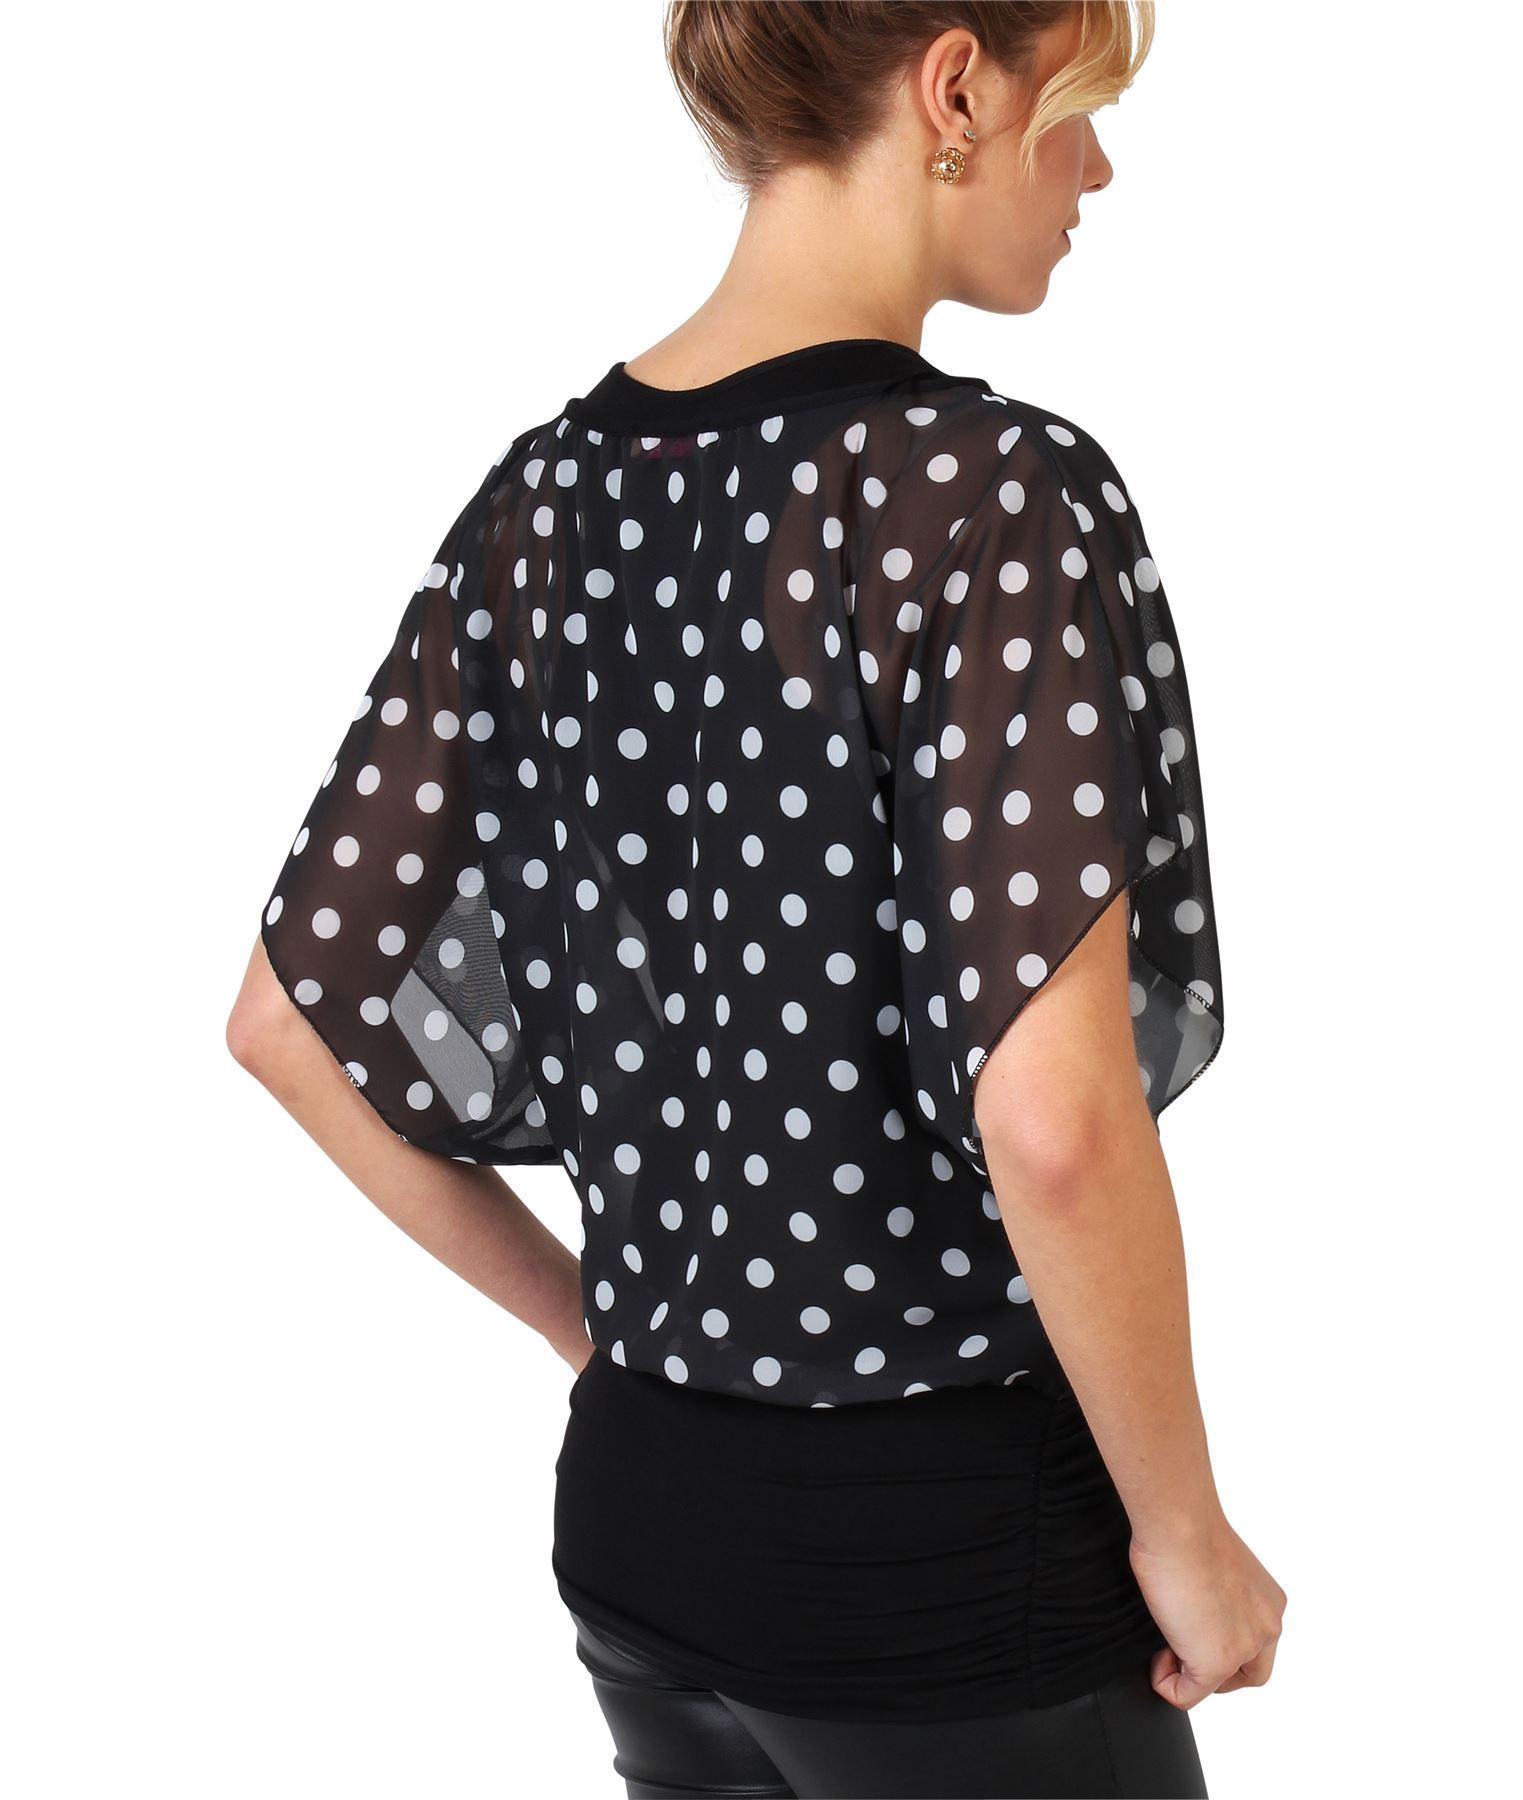 Damen-2in1-Chiffon-Bluse-Leichtes-Top-Weite-Fledermausaermel-Oversize-Kurzarm Indexbild 33